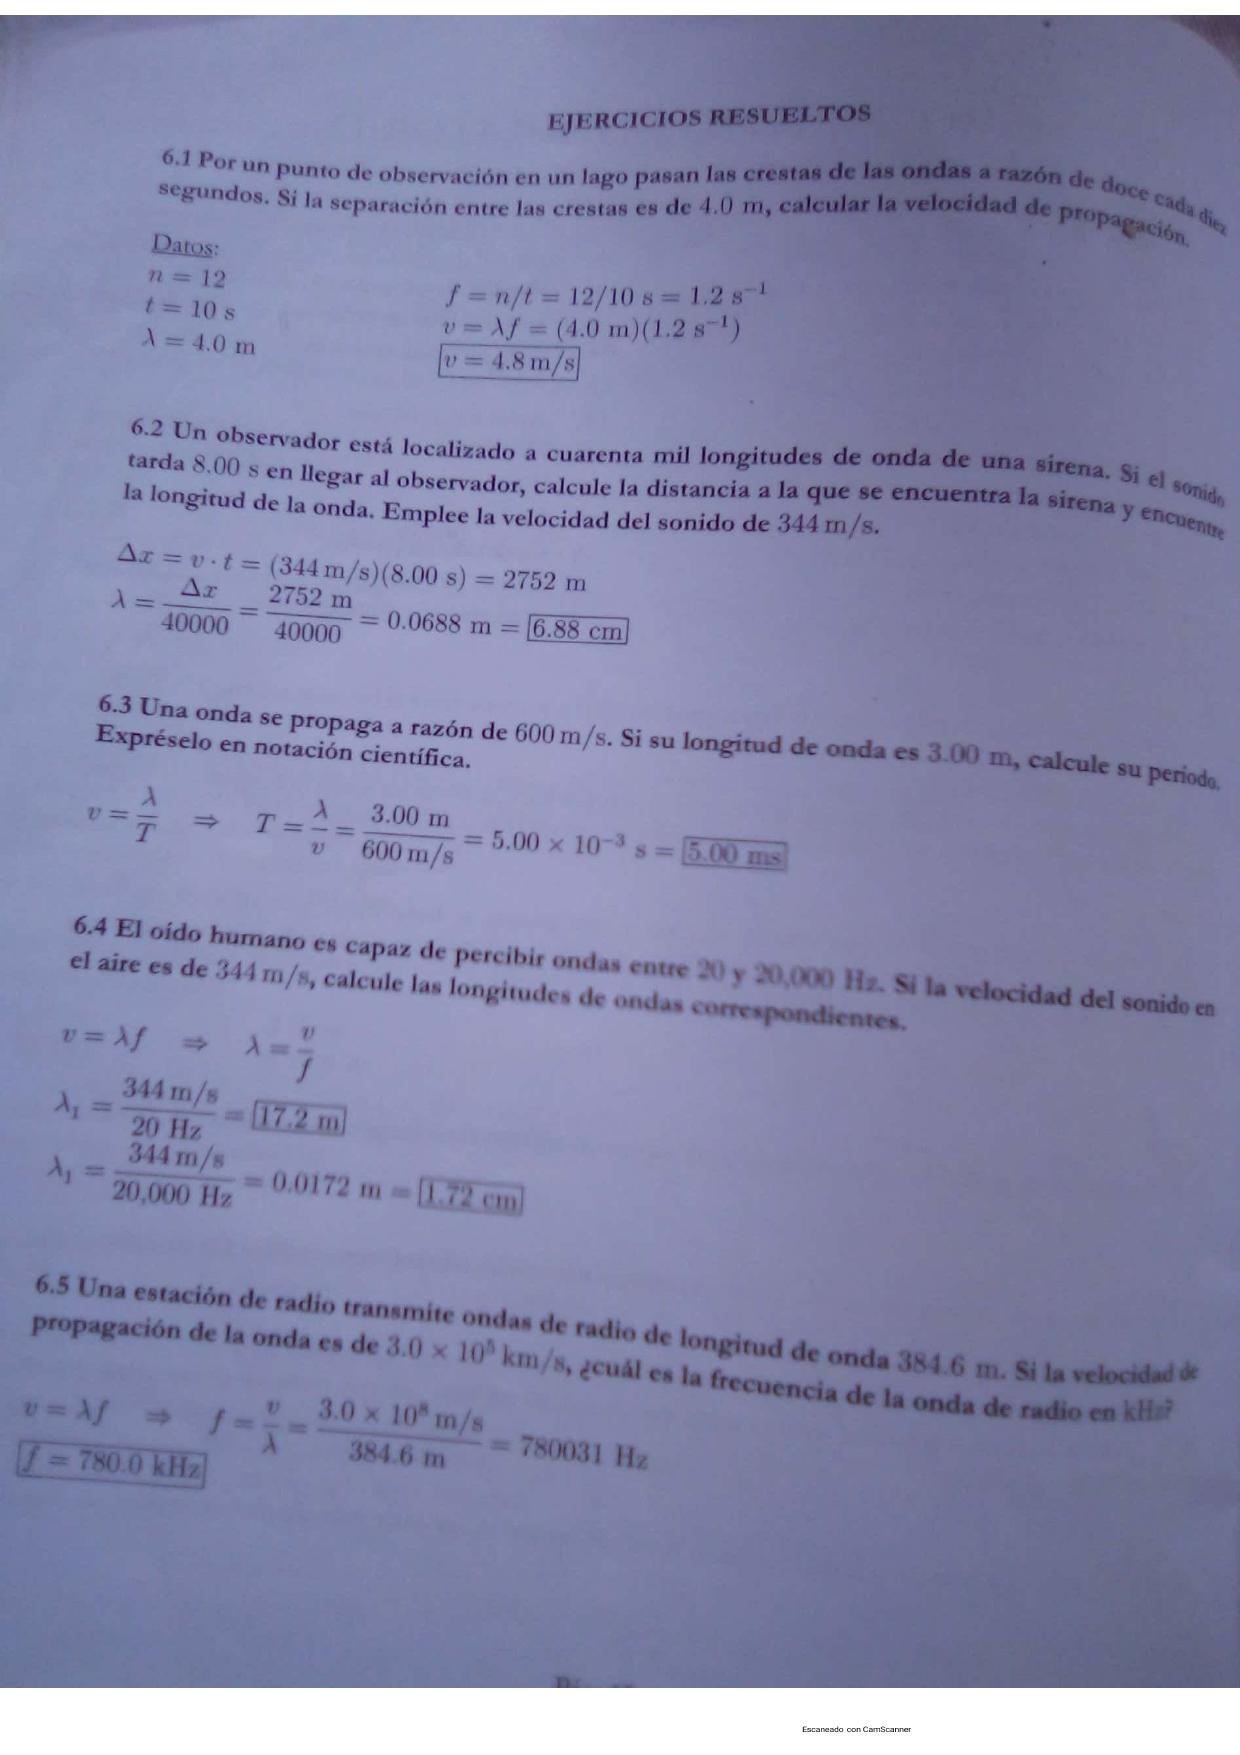 cuaderno-de-trabajo-f-sica-b-sica-page-0063